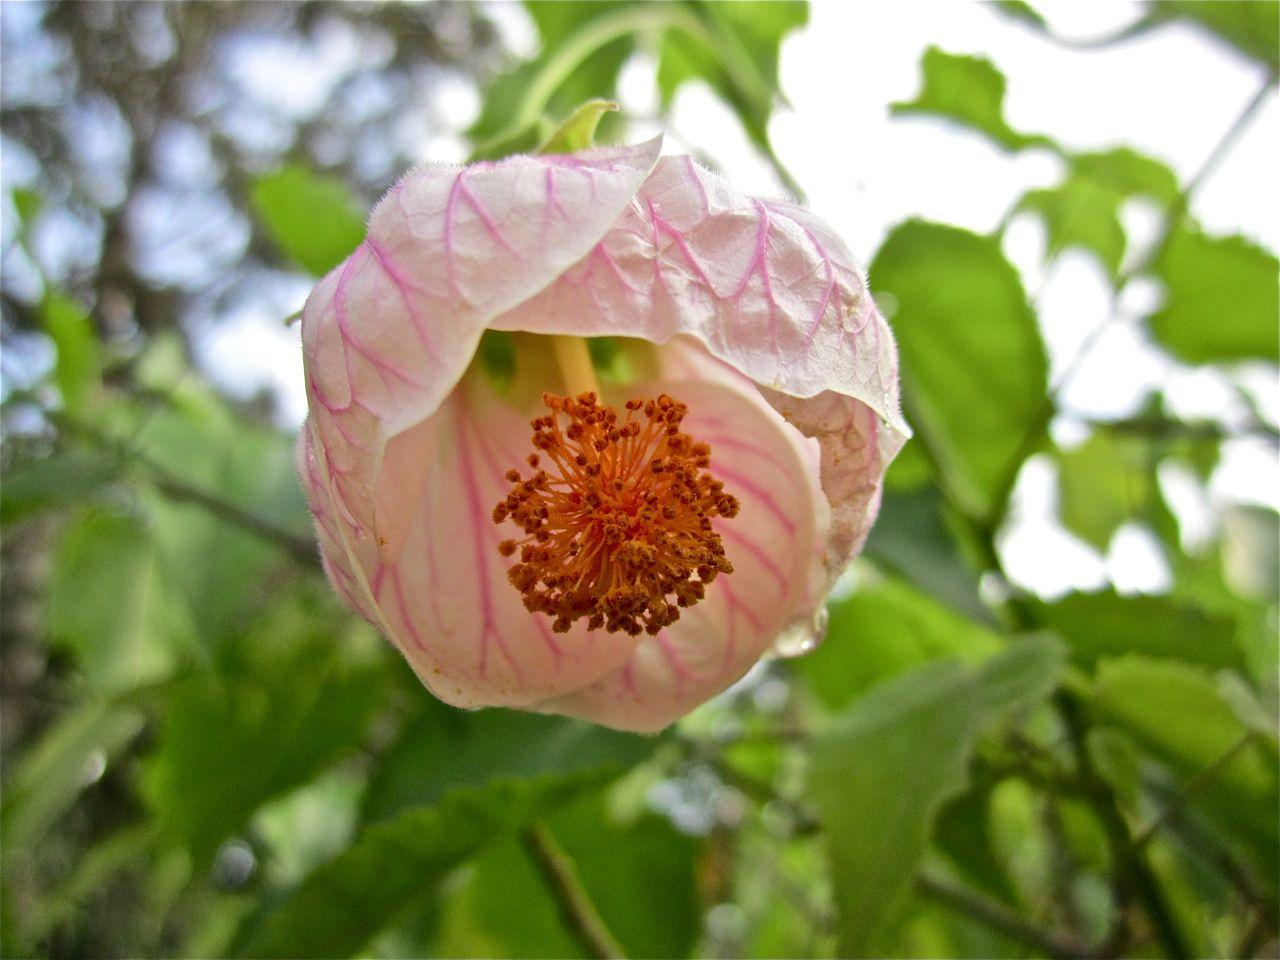 Flowering Maple Enclosure